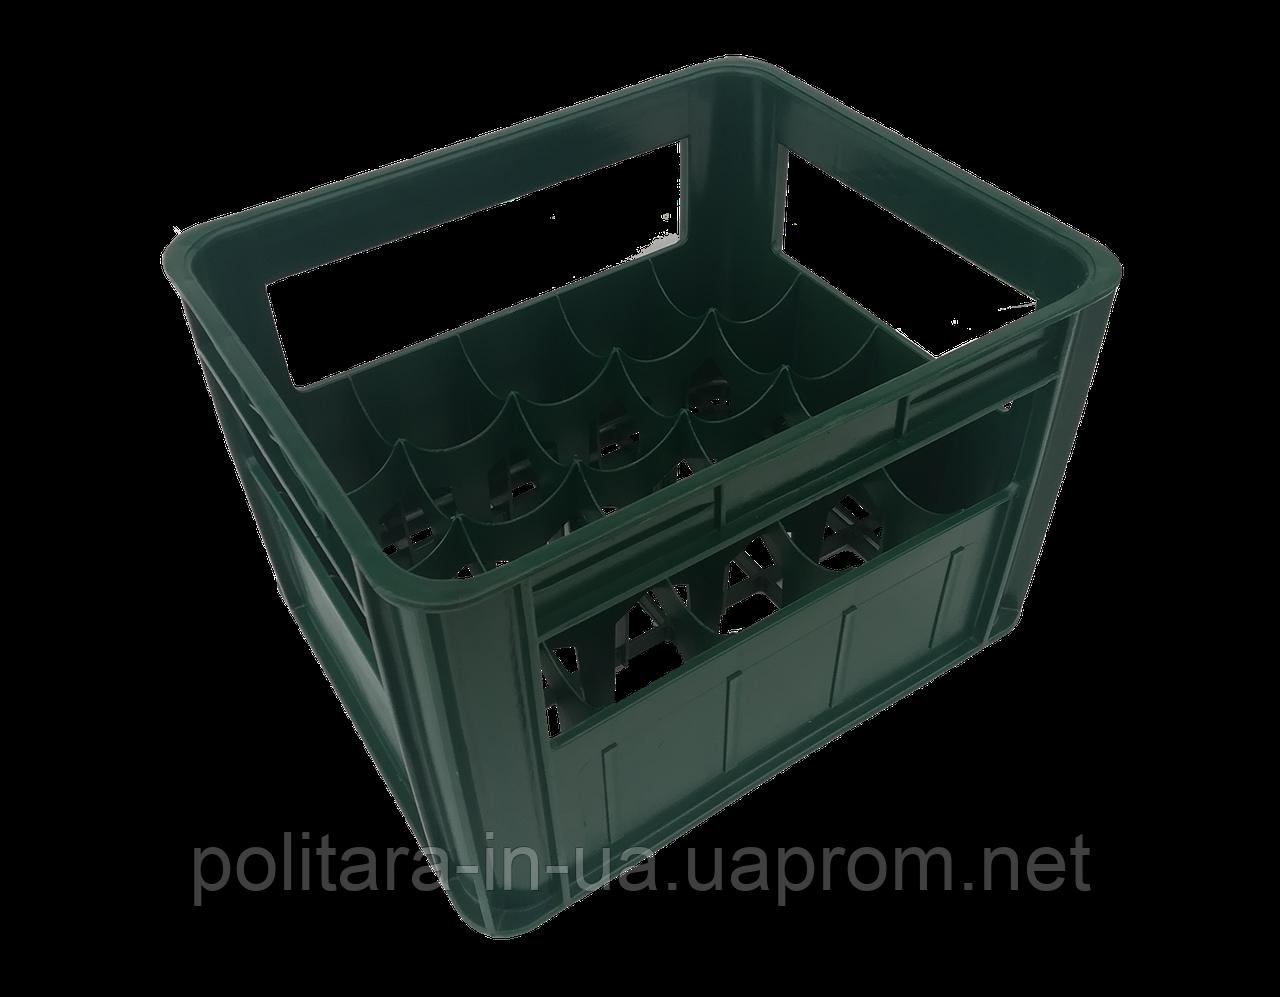 Ящик на 20 ячеек под бутылки с лого упрочненный с повышенной устойчивостью черный вторичный полиэтилен